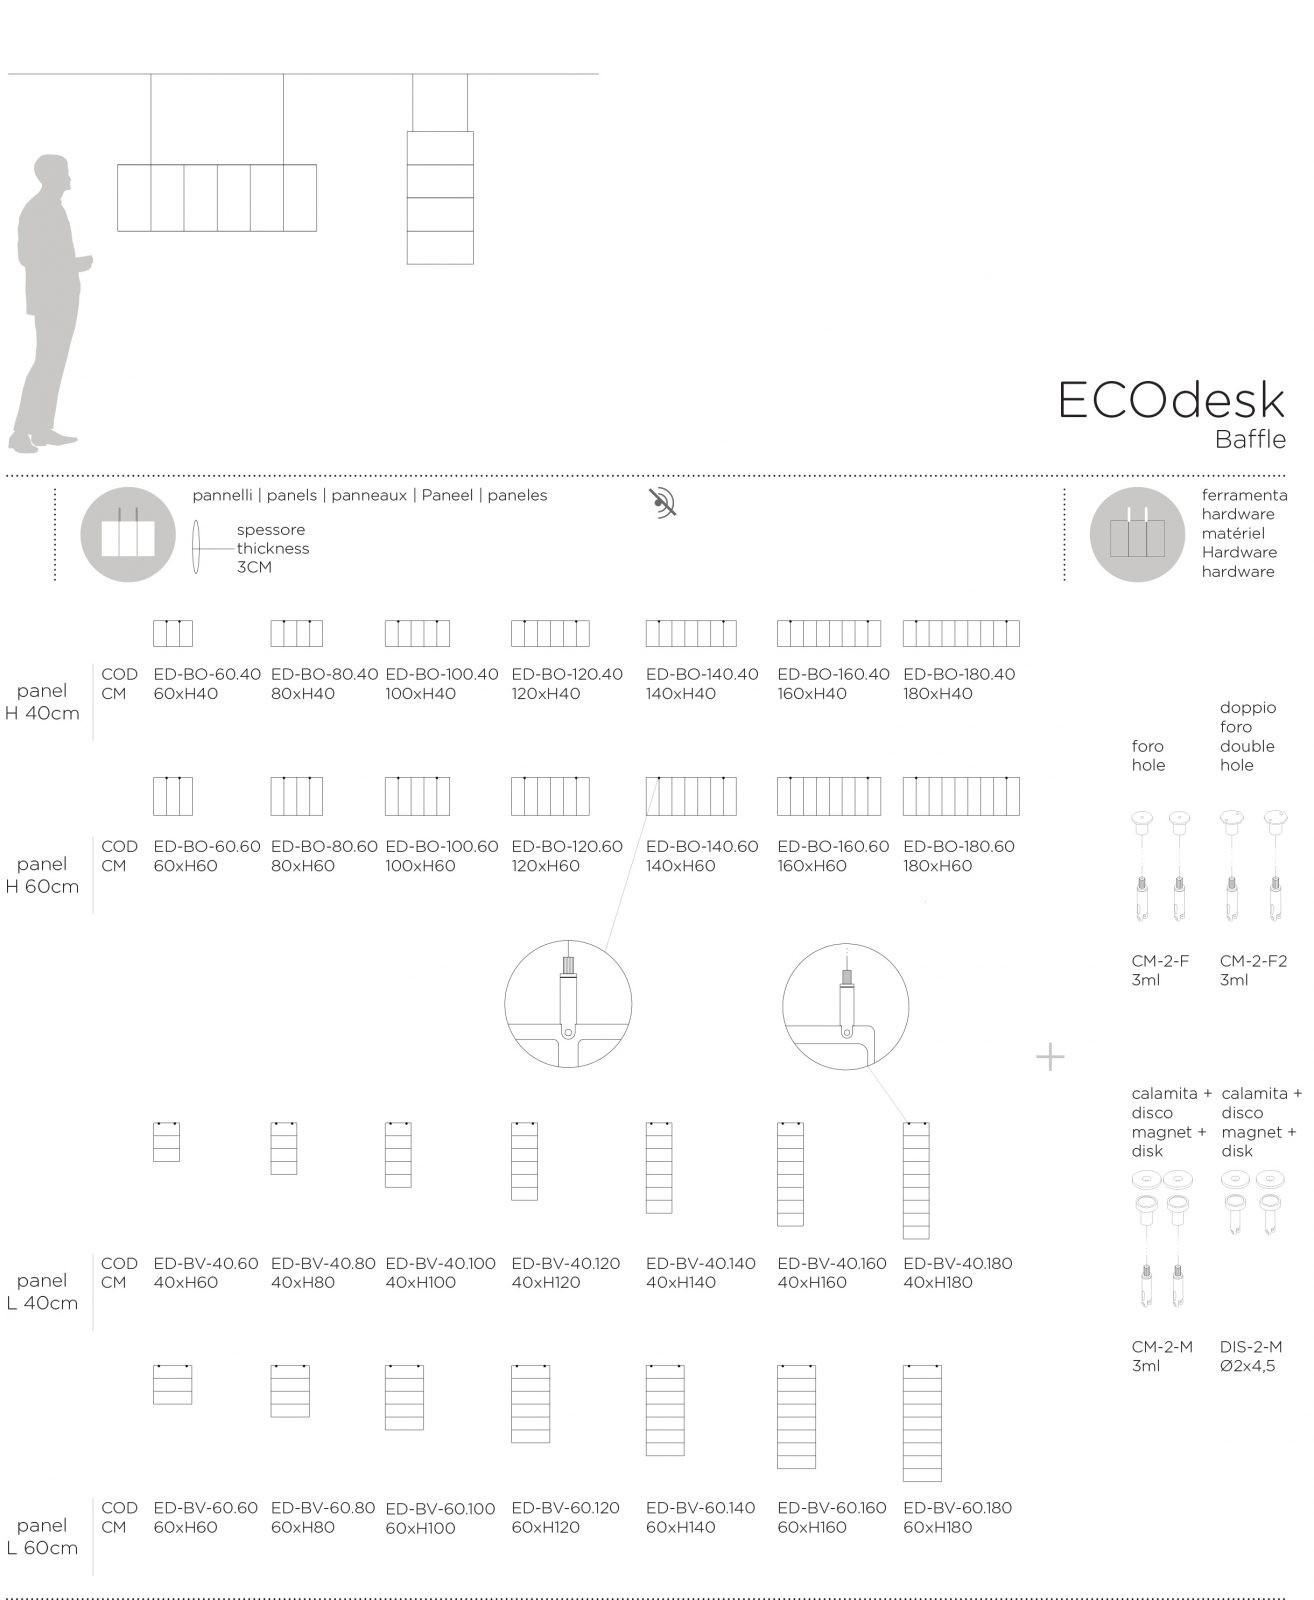 AvenueIS_ECOdesk_Dims (5)